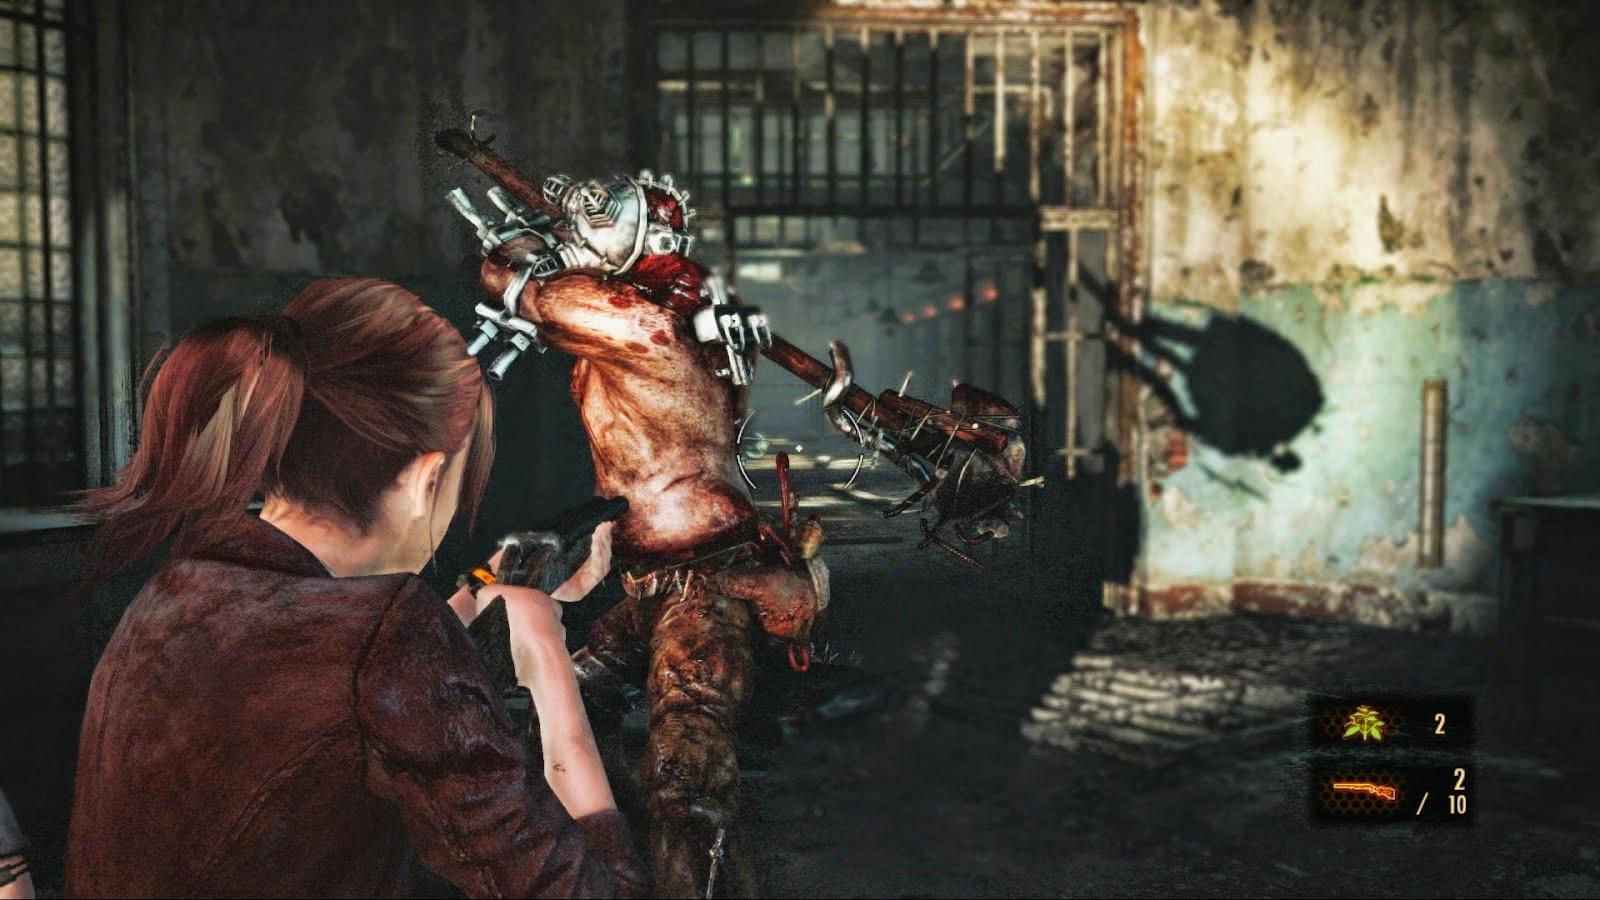 تحميل لعبة resident evil 2 للكمبيوتر من ميديا فاير